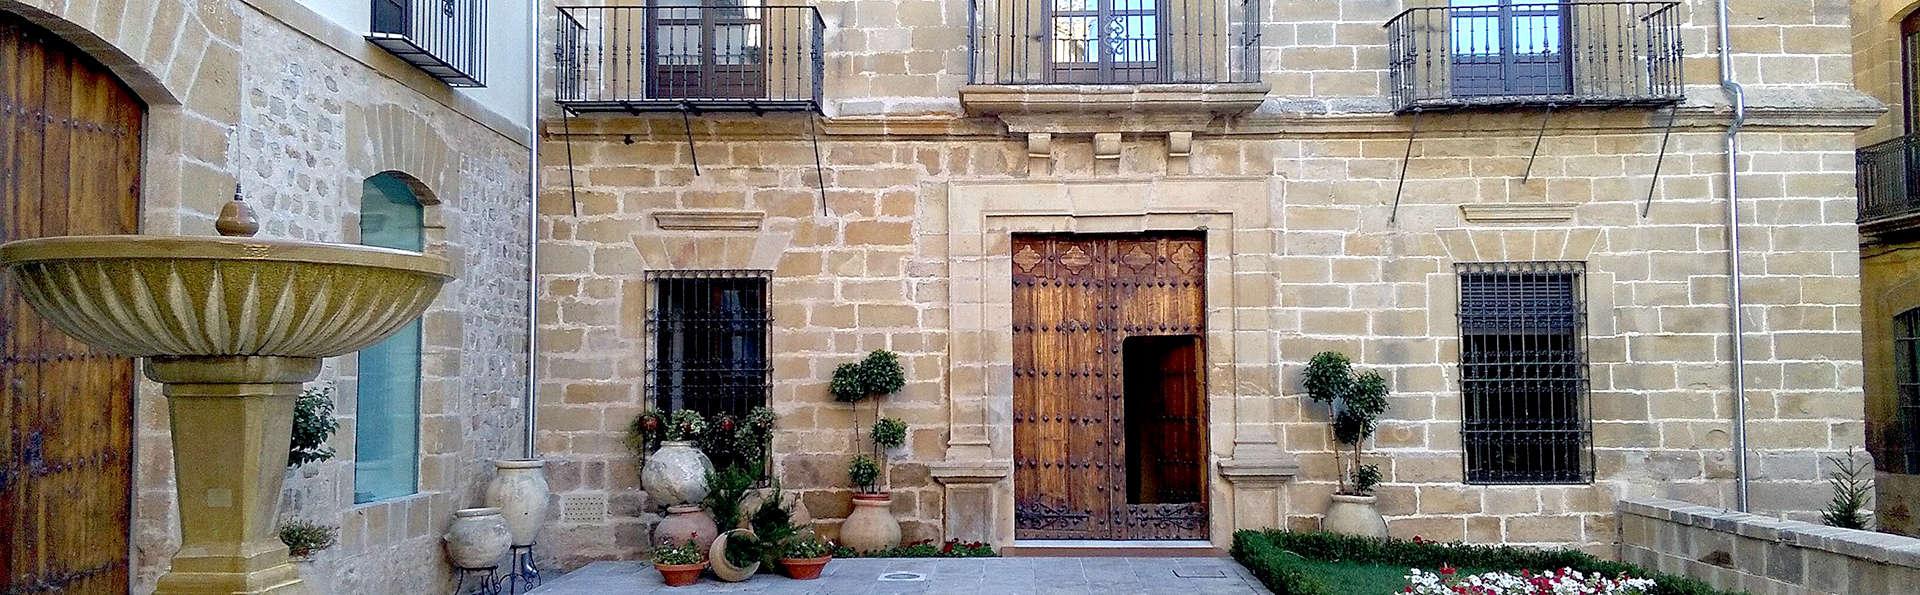 Hotel Palacio de Úbeda - Edit_Front3.jpg